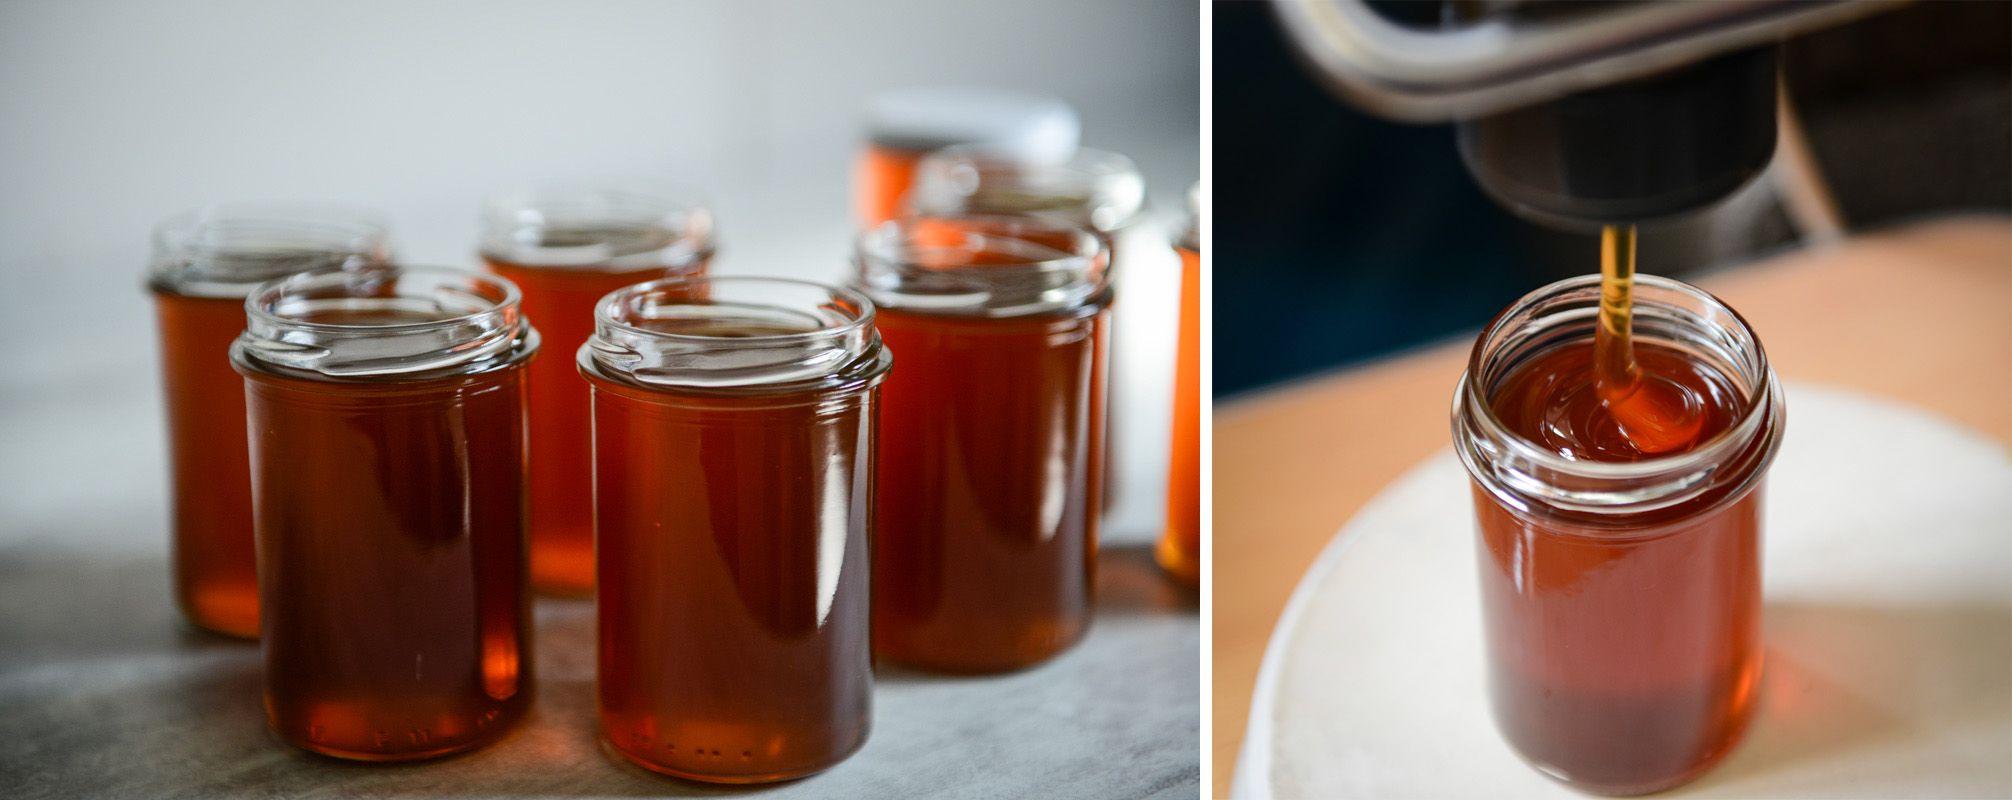 La mise en pot du miel d'été